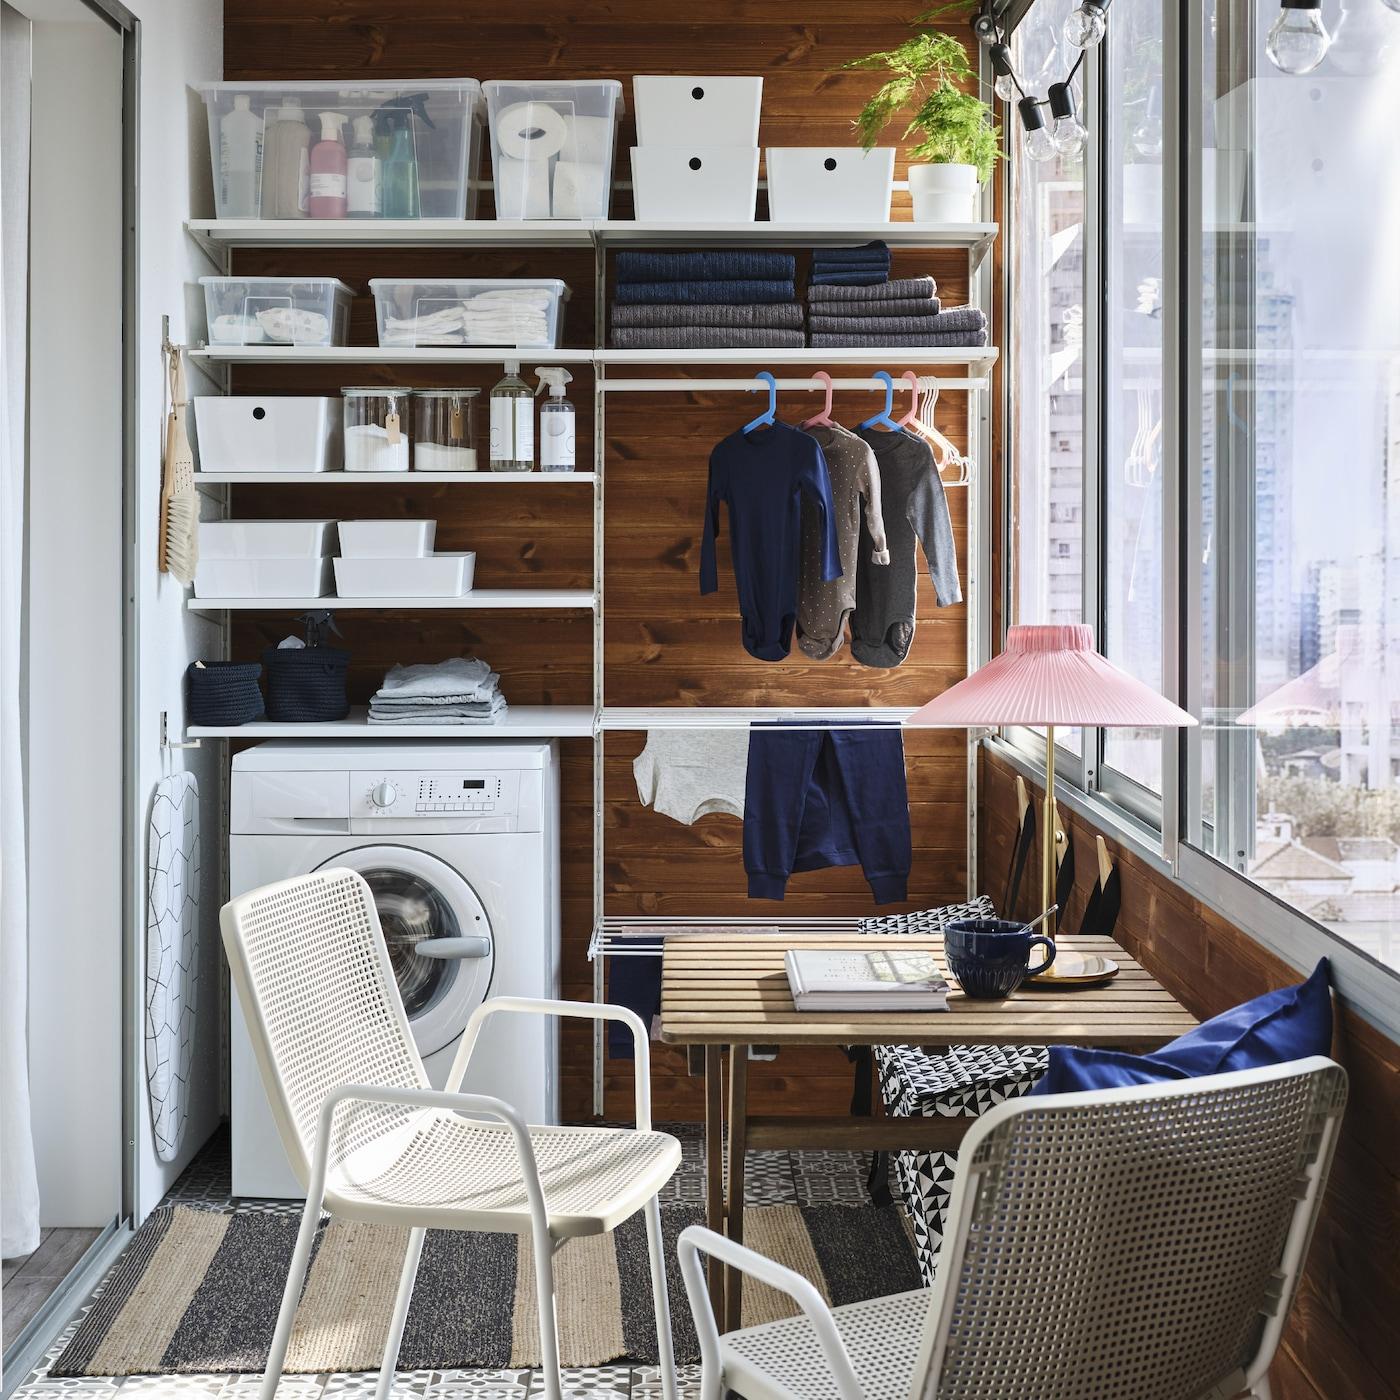 狭小的阳台上摆放着一系列白色洗衣储物家具、洗衣机、小型户外用桌和两把白色/米色椅子。